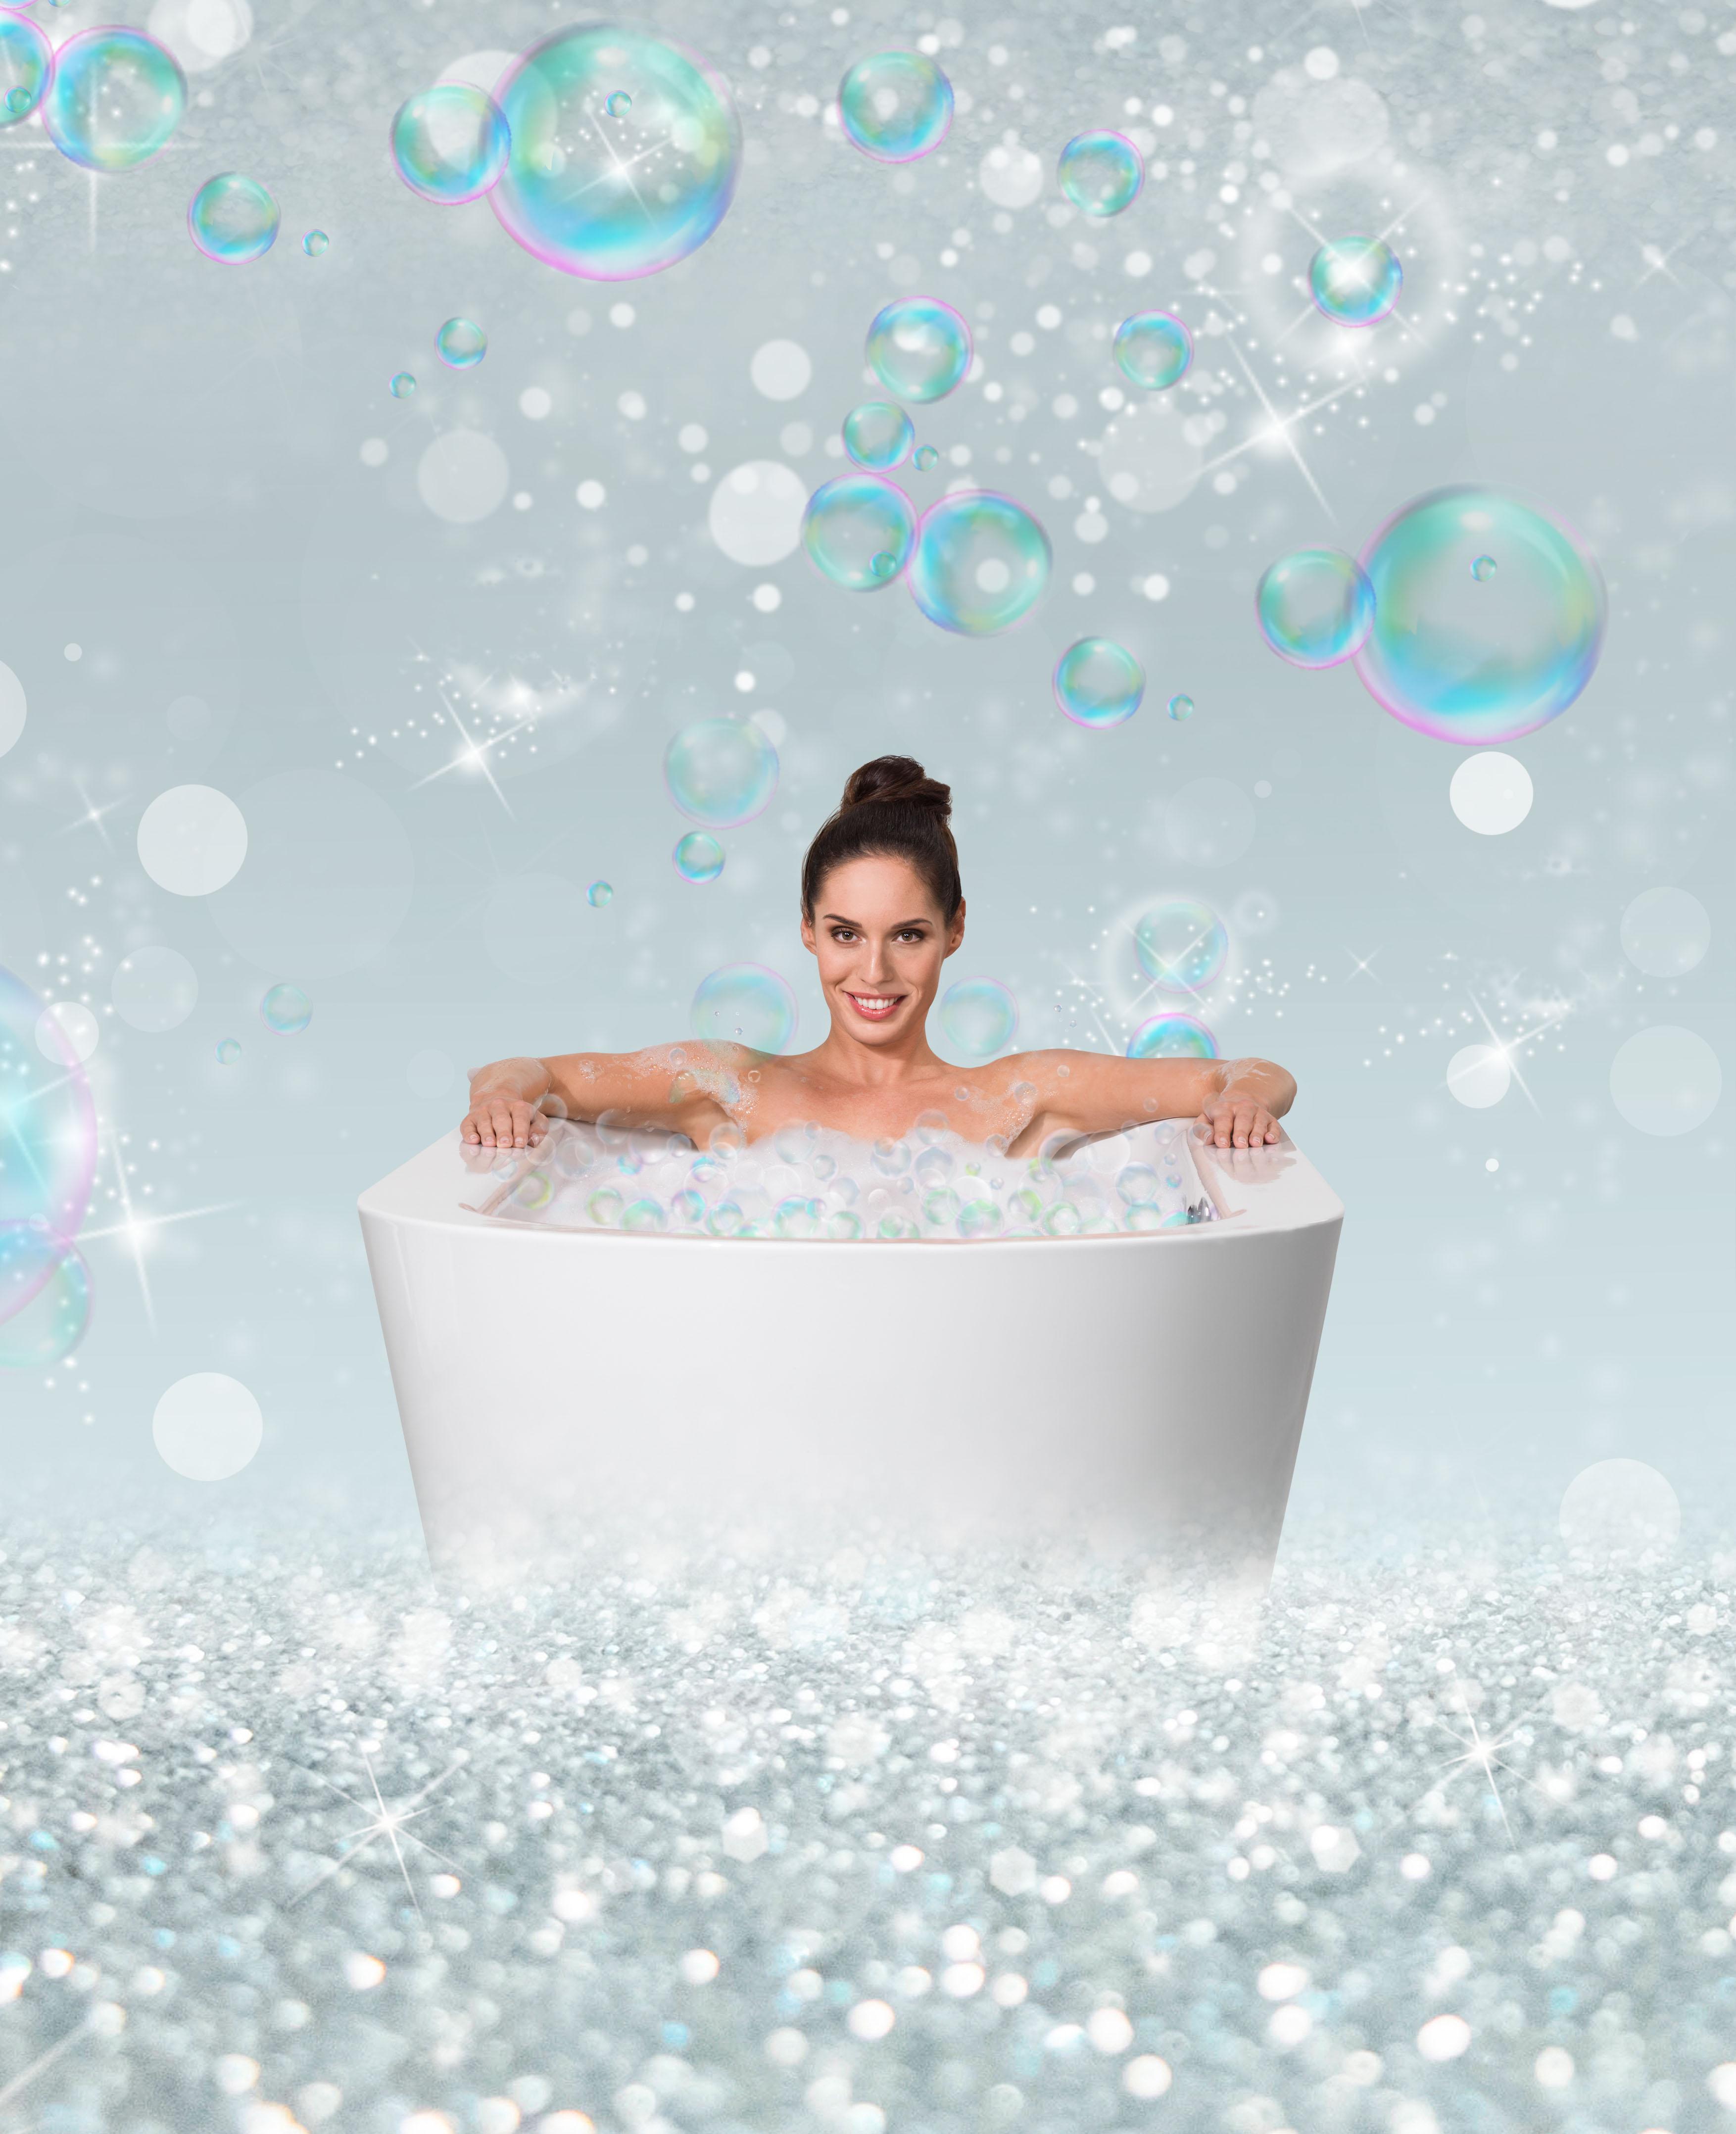 Sanidrome viert 25 jaar de betere badkamer met mooie winacties #badkamer #winactie #sanidrome